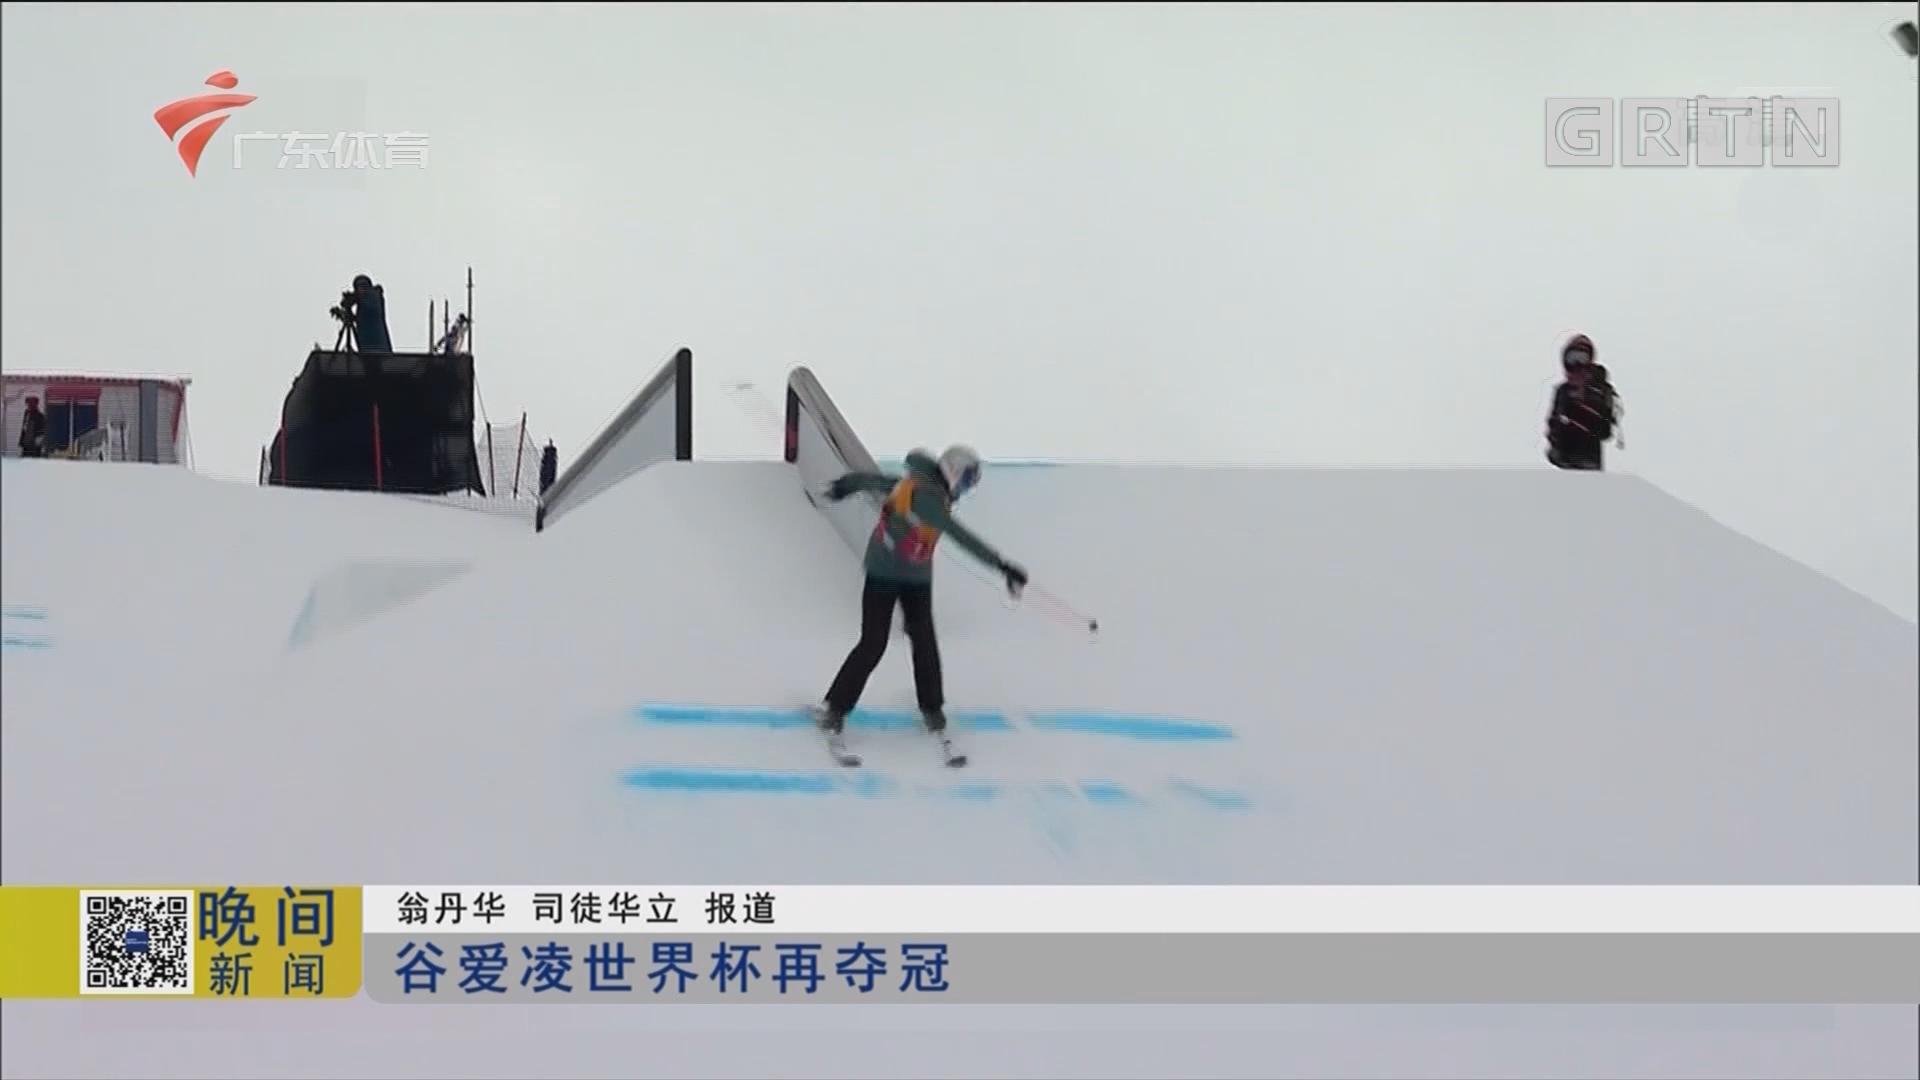 谷爱凌世界杯再夺冠